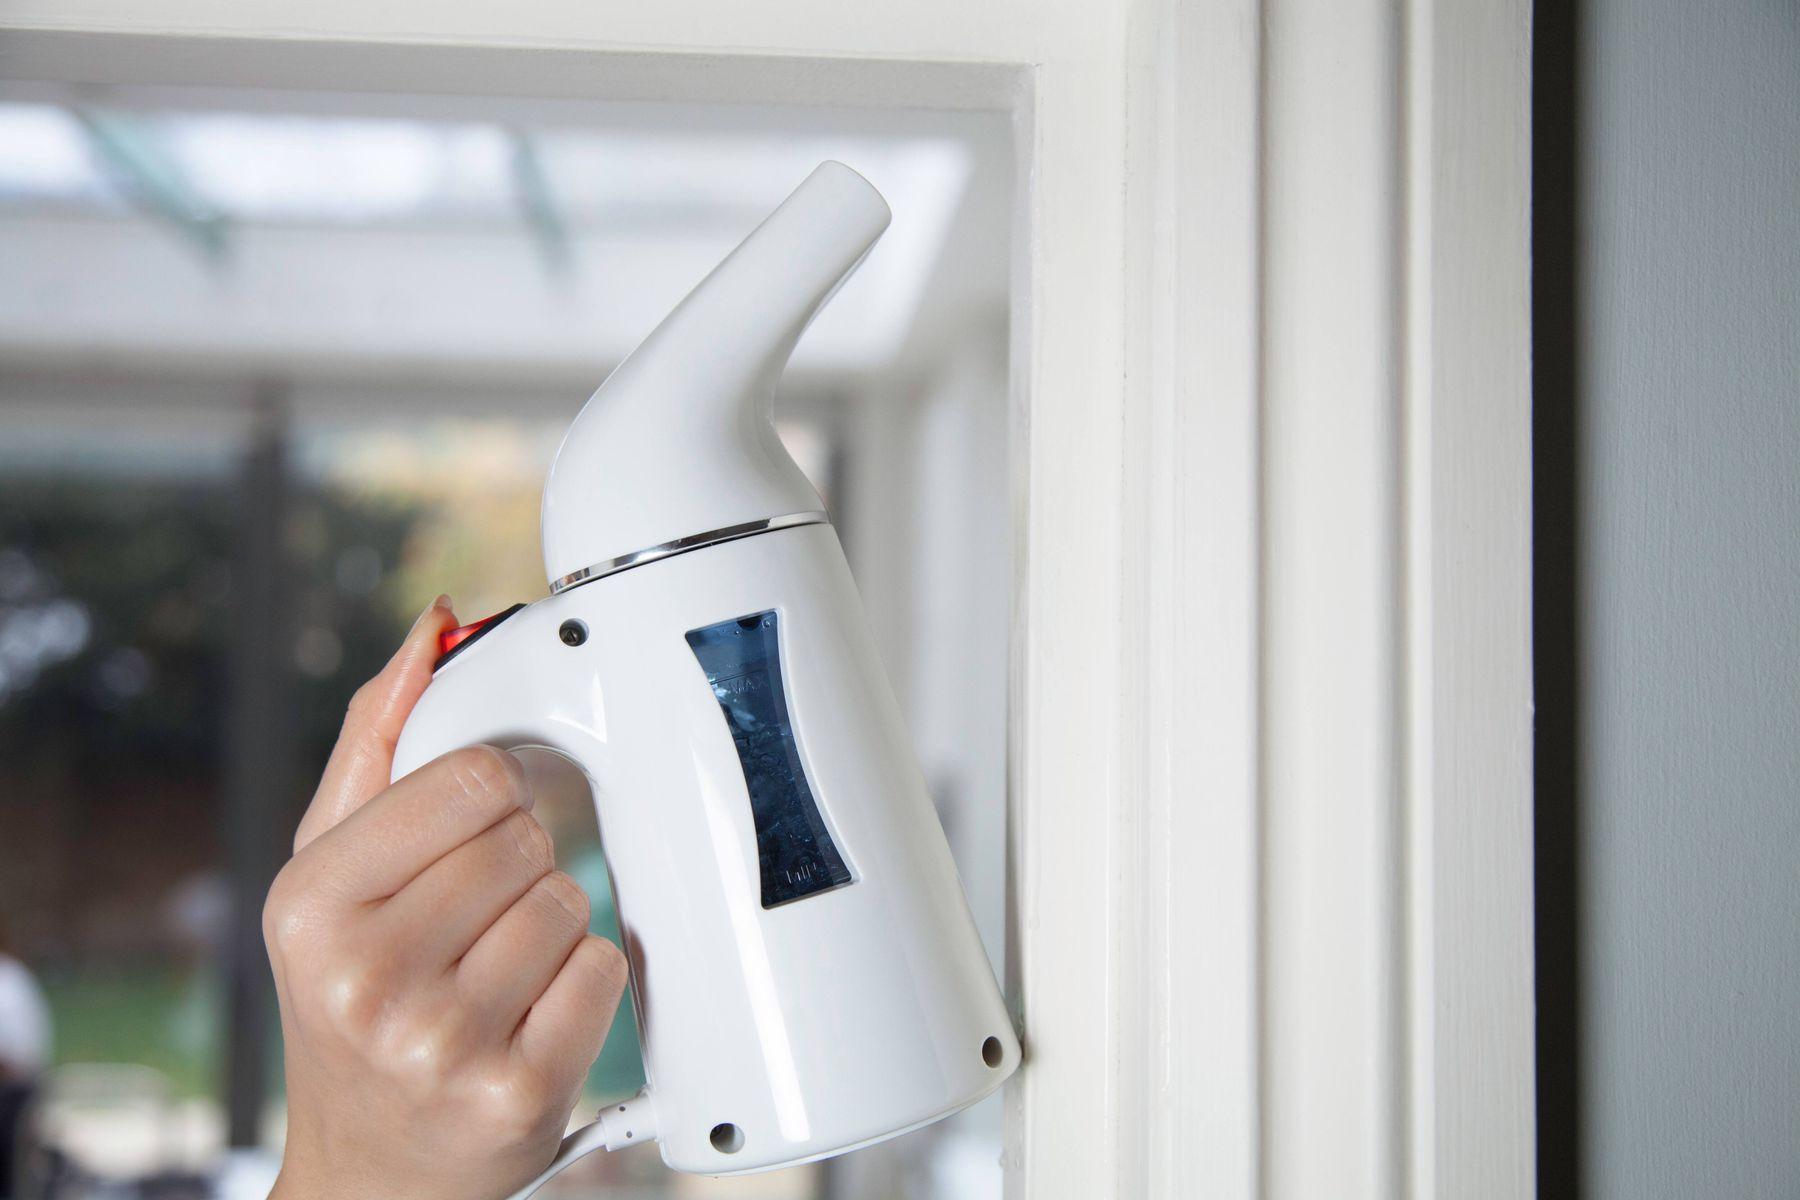 Buhar makinesi ile Koli Bandı Lekesi Nasıl Çıkar?